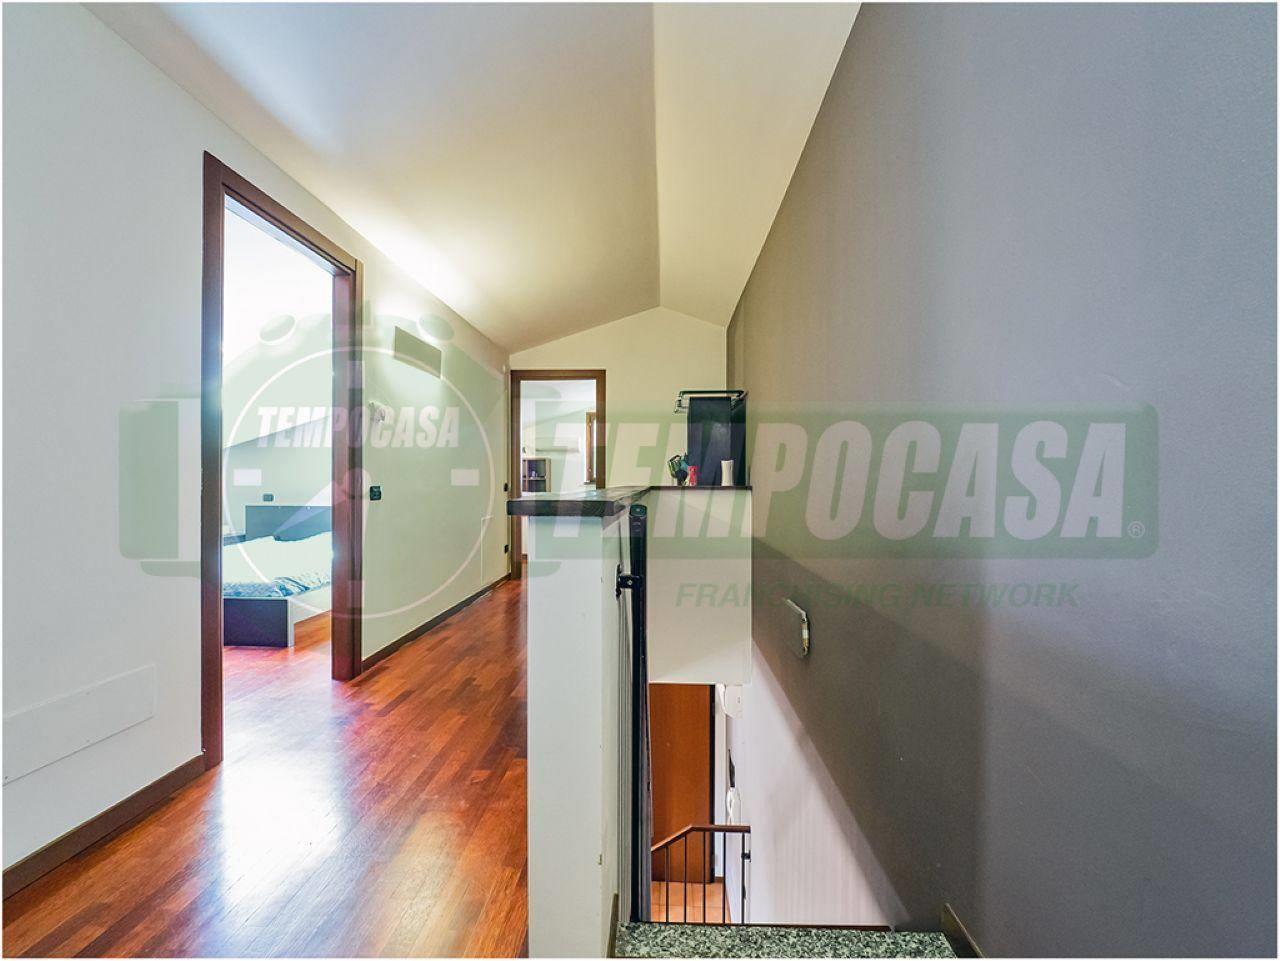 Foto 14 - Appartamento in Vendita - Cesano Maderno (Monza e Brianza)